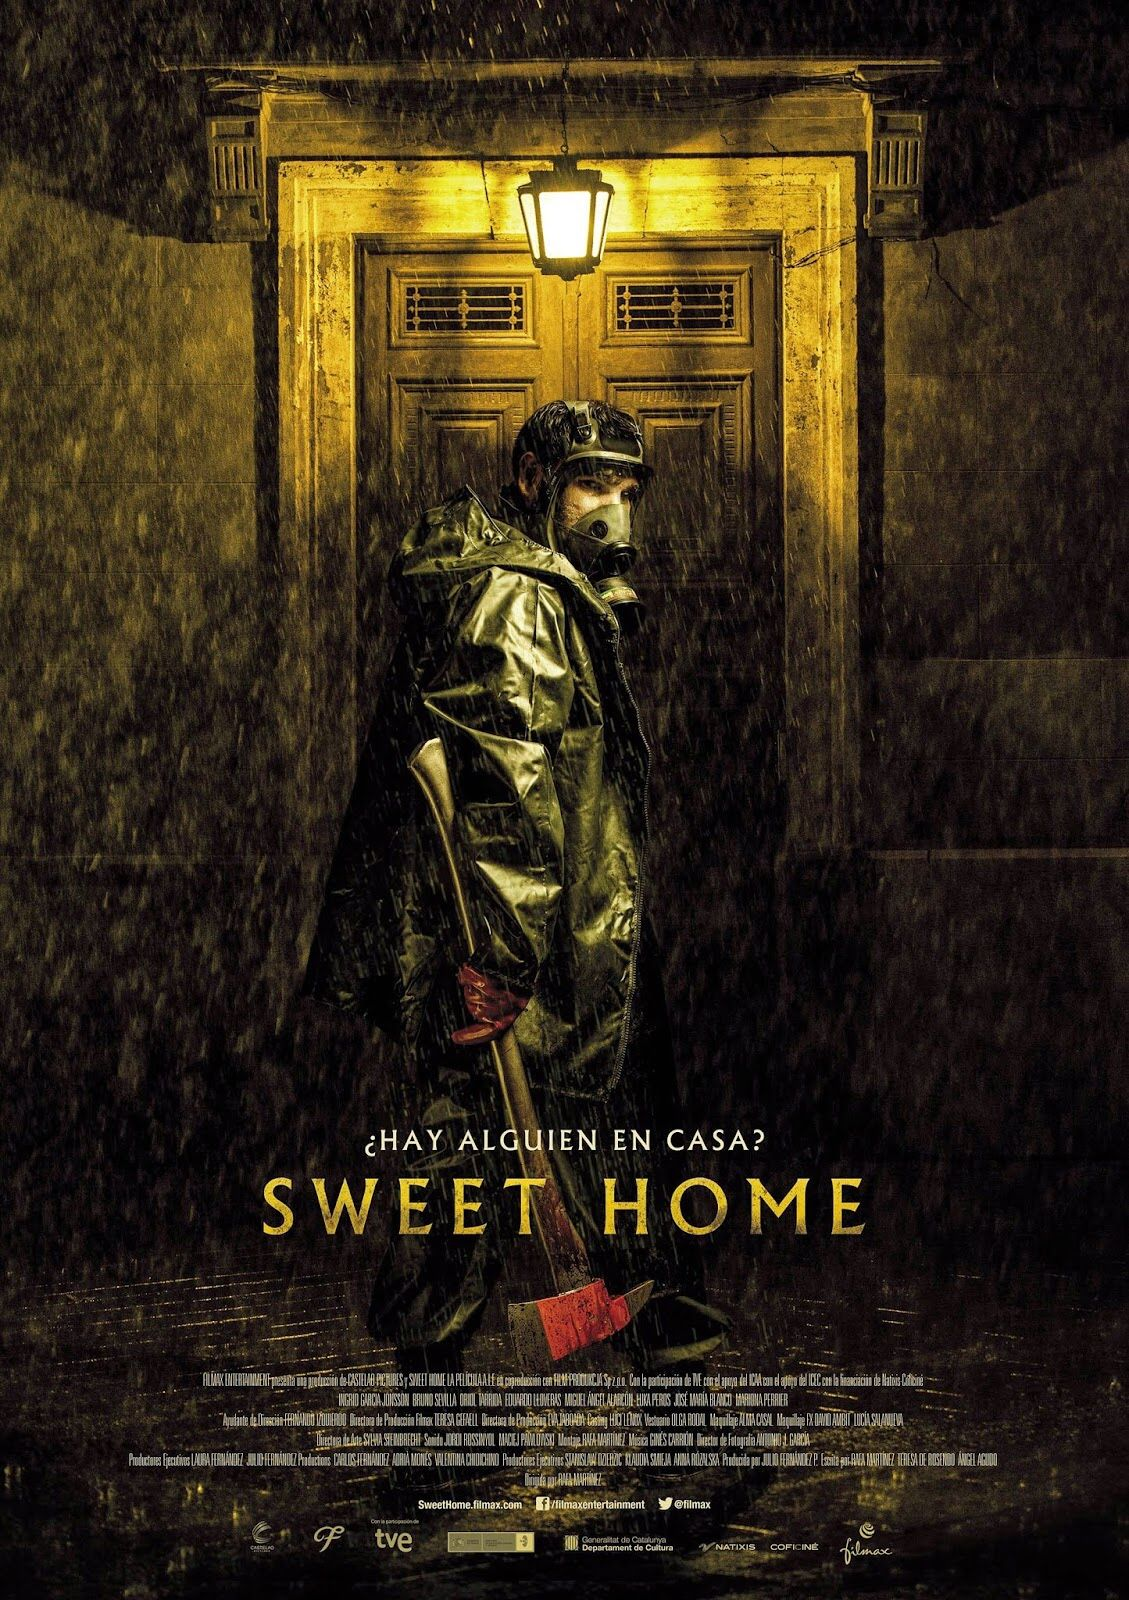 Sweet Home Peliculas De Miedo Peliculas De Terror Peliculas